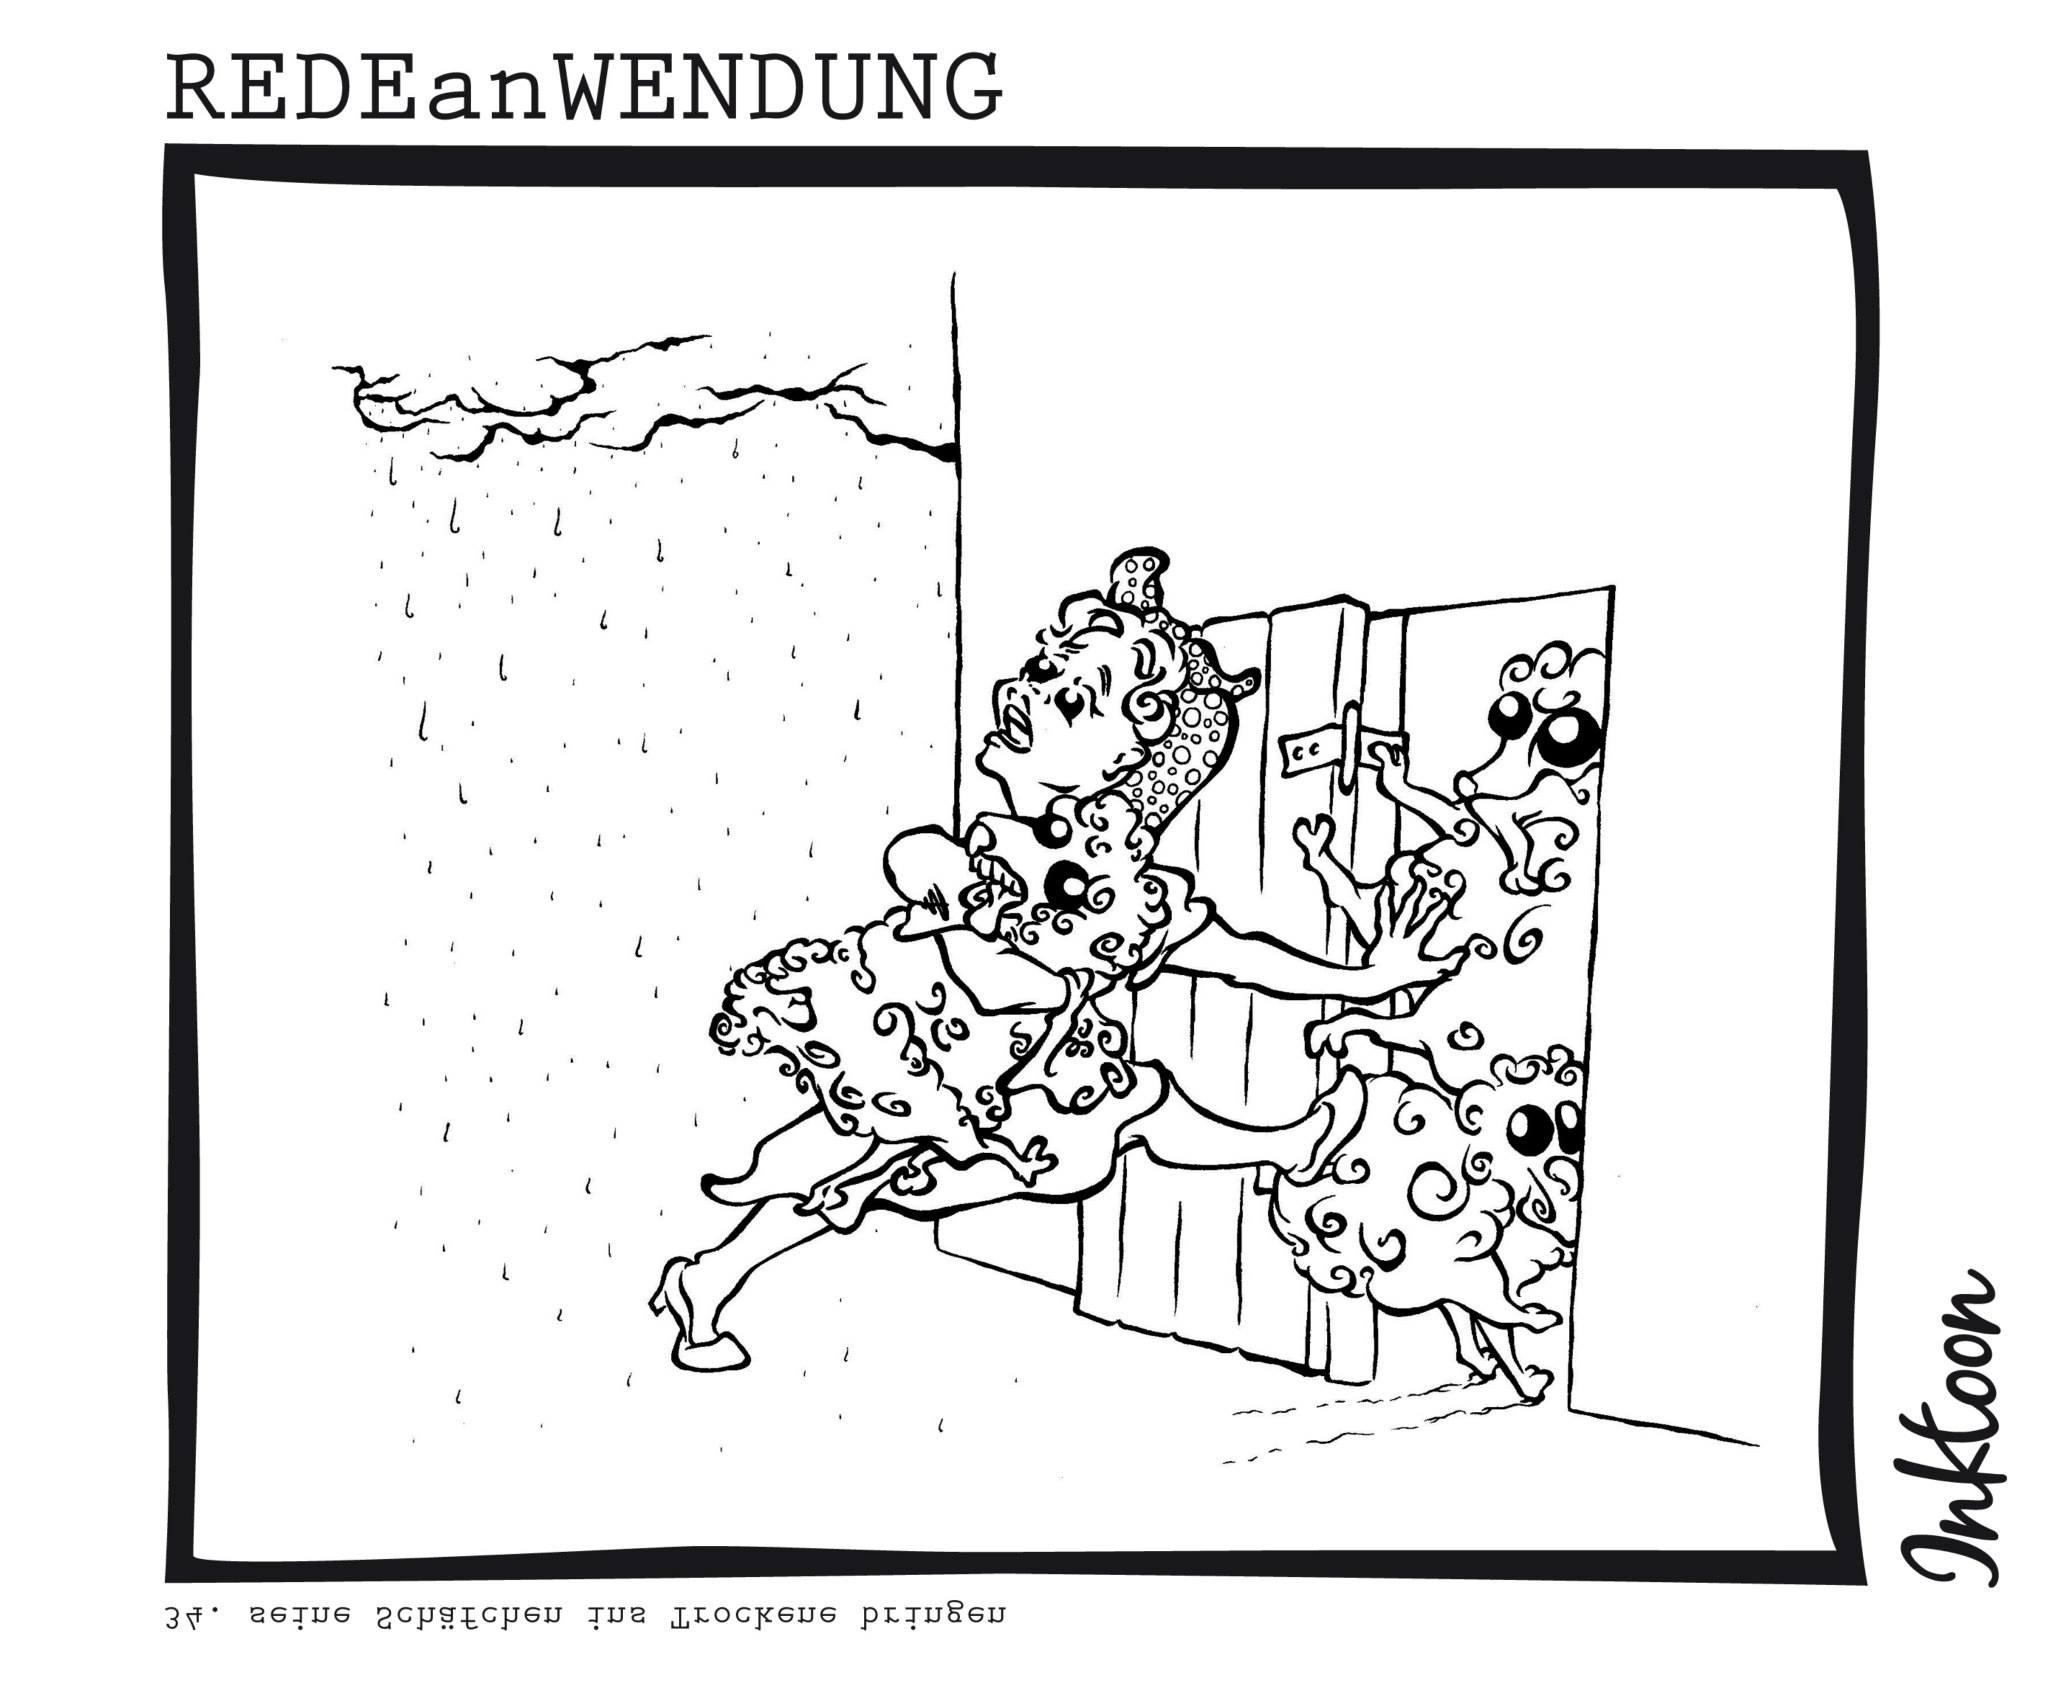 seine Schäfchen ins Trockene bringen retten Vorteil sichern Wetter Bauernregel Redewendung Redeanwendung Bilderrätsel toon inktoon Illustration Grafik Sprichwort Bild